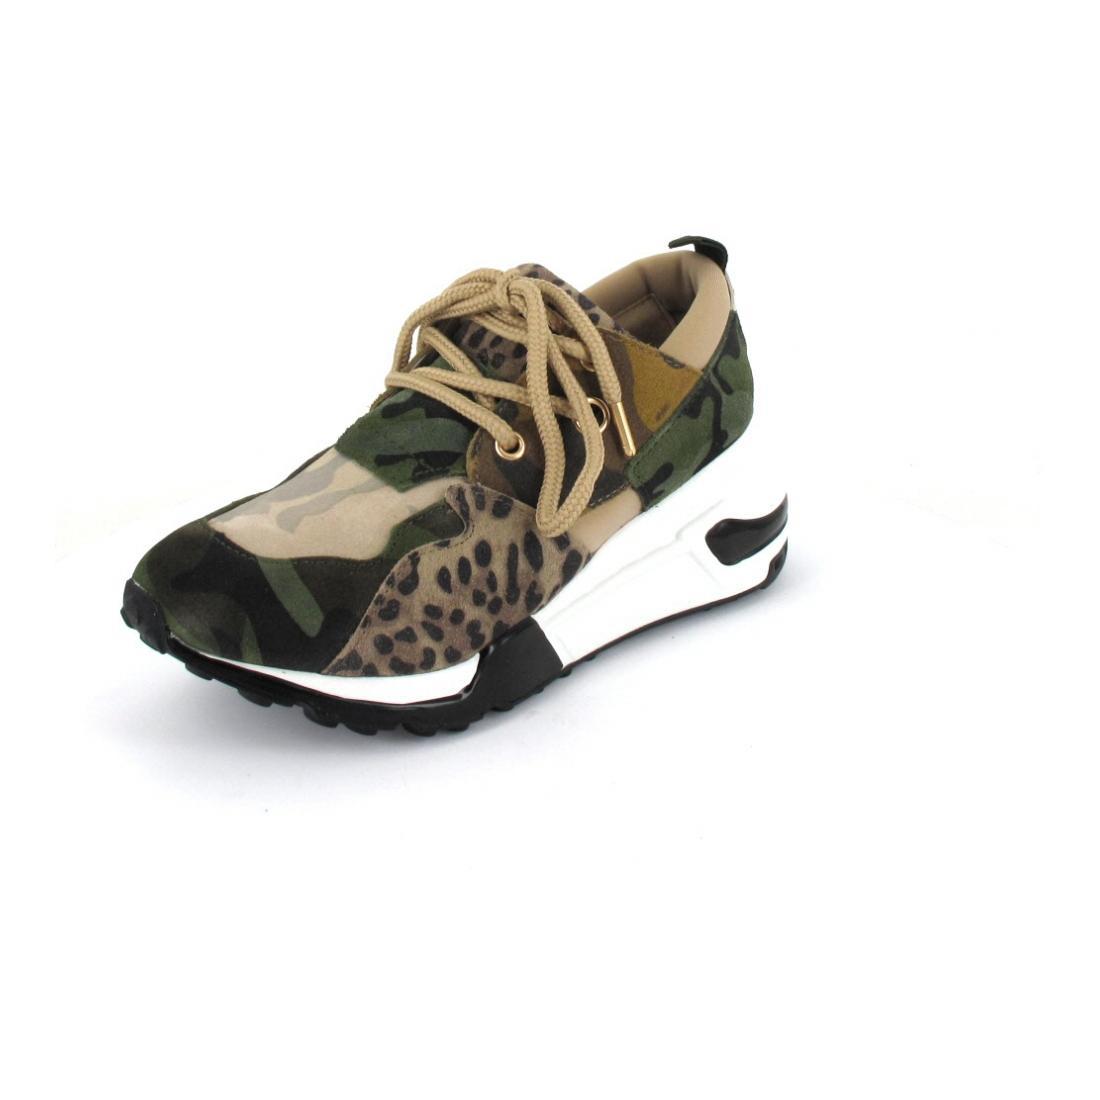 Steve Madden Sneaker Cliff